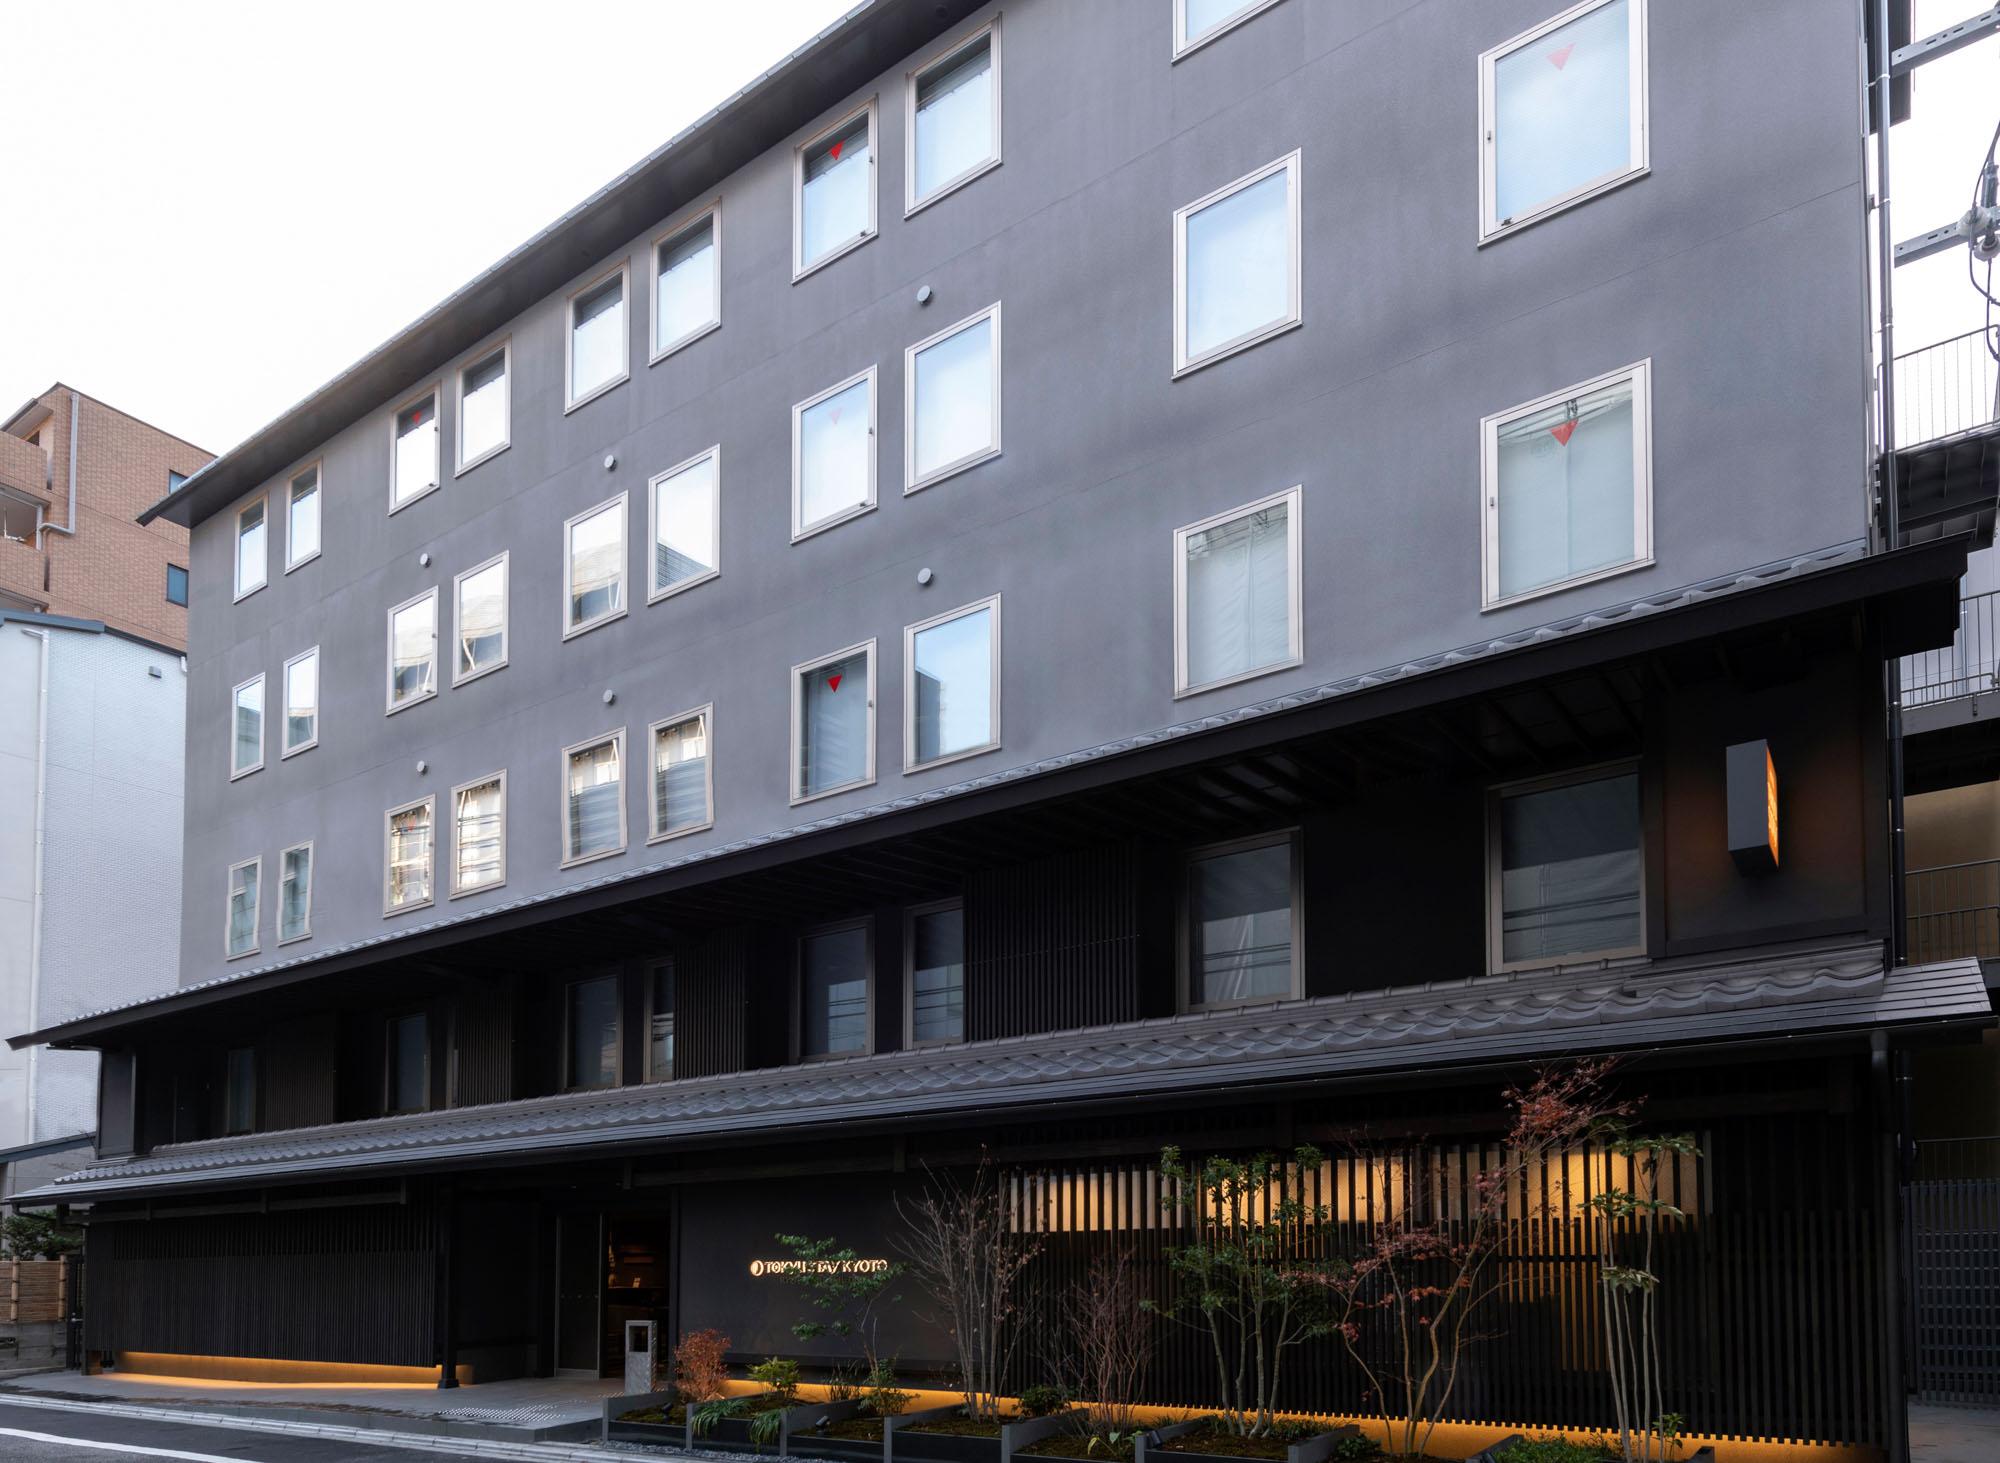 長期滞在に便利な設備がそろう東急ステイから、人気の京都エリアのホテルをご紹介。京都らしい、和モダンな外観です。